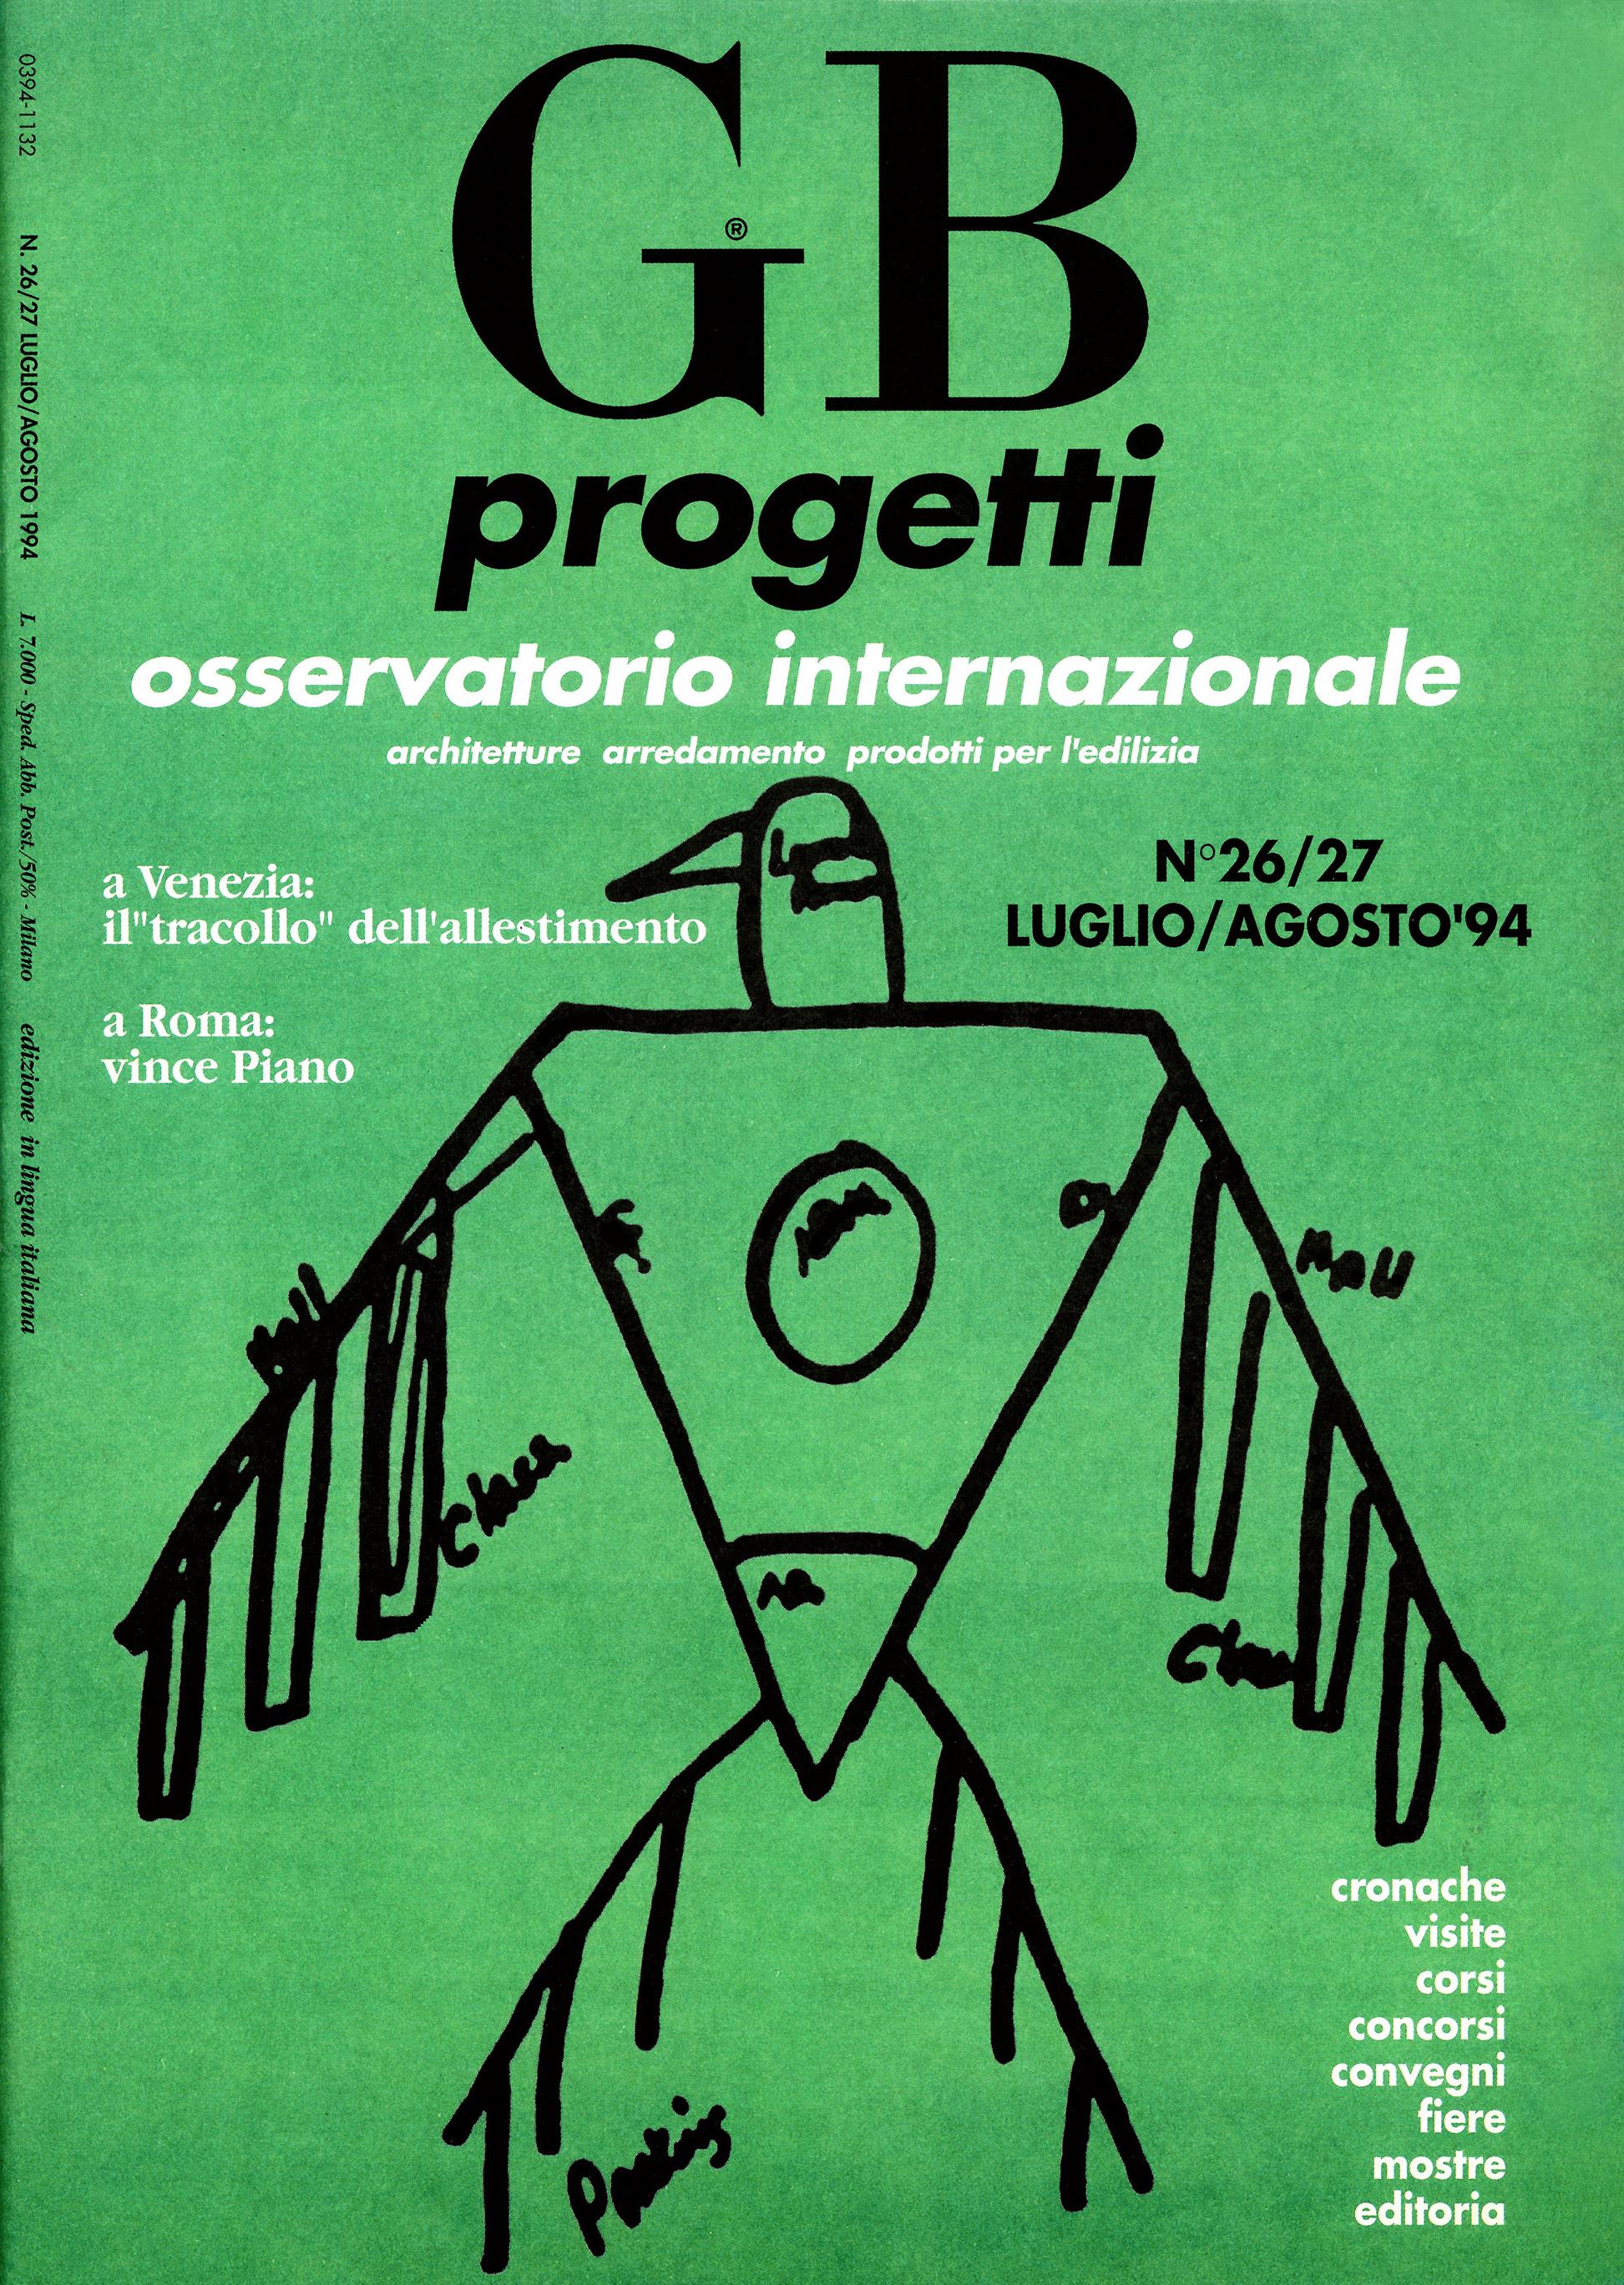 GB progetti, Luglio/Agosto 1994